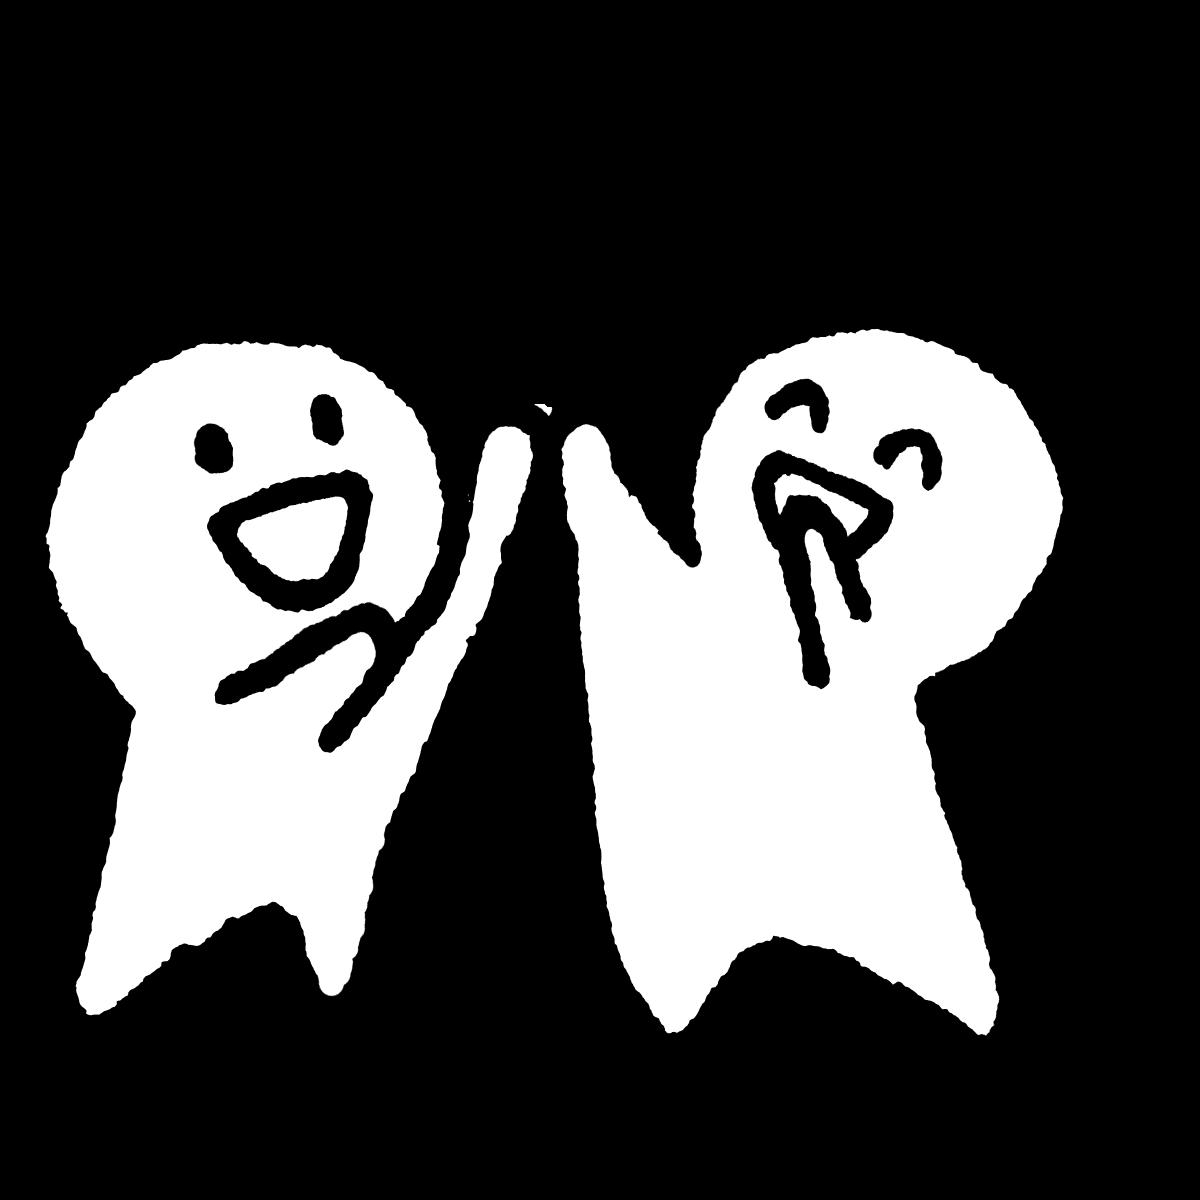 両手を上げハイタッチのイラスト / High five with both hands Illustration